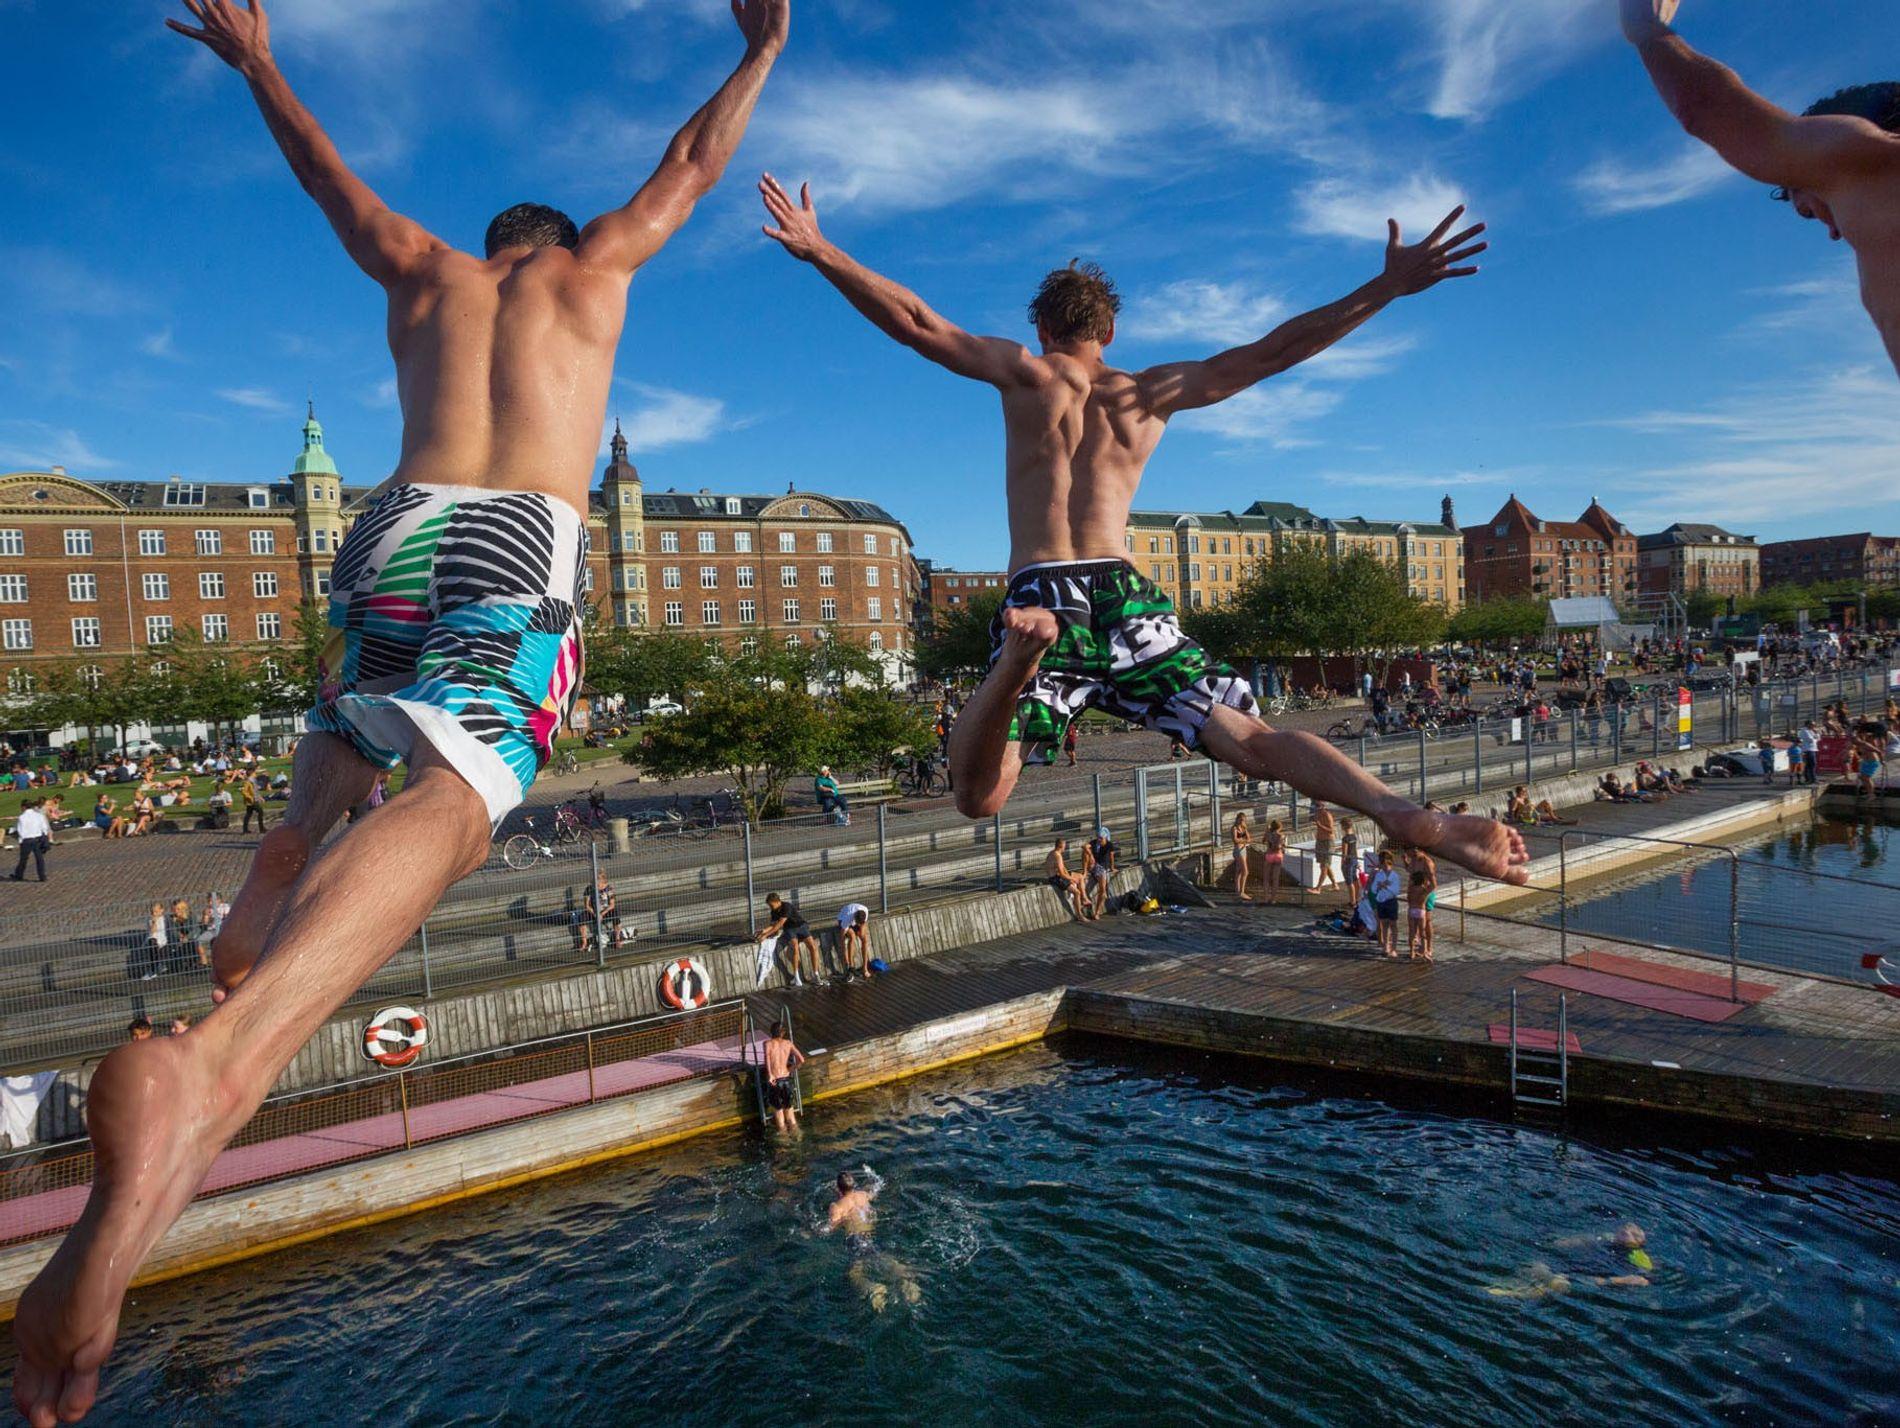 DINAMARCA – Rapazes mergulham nas águas da Baía de Copenhague de uma plataforma de 5 metros ...